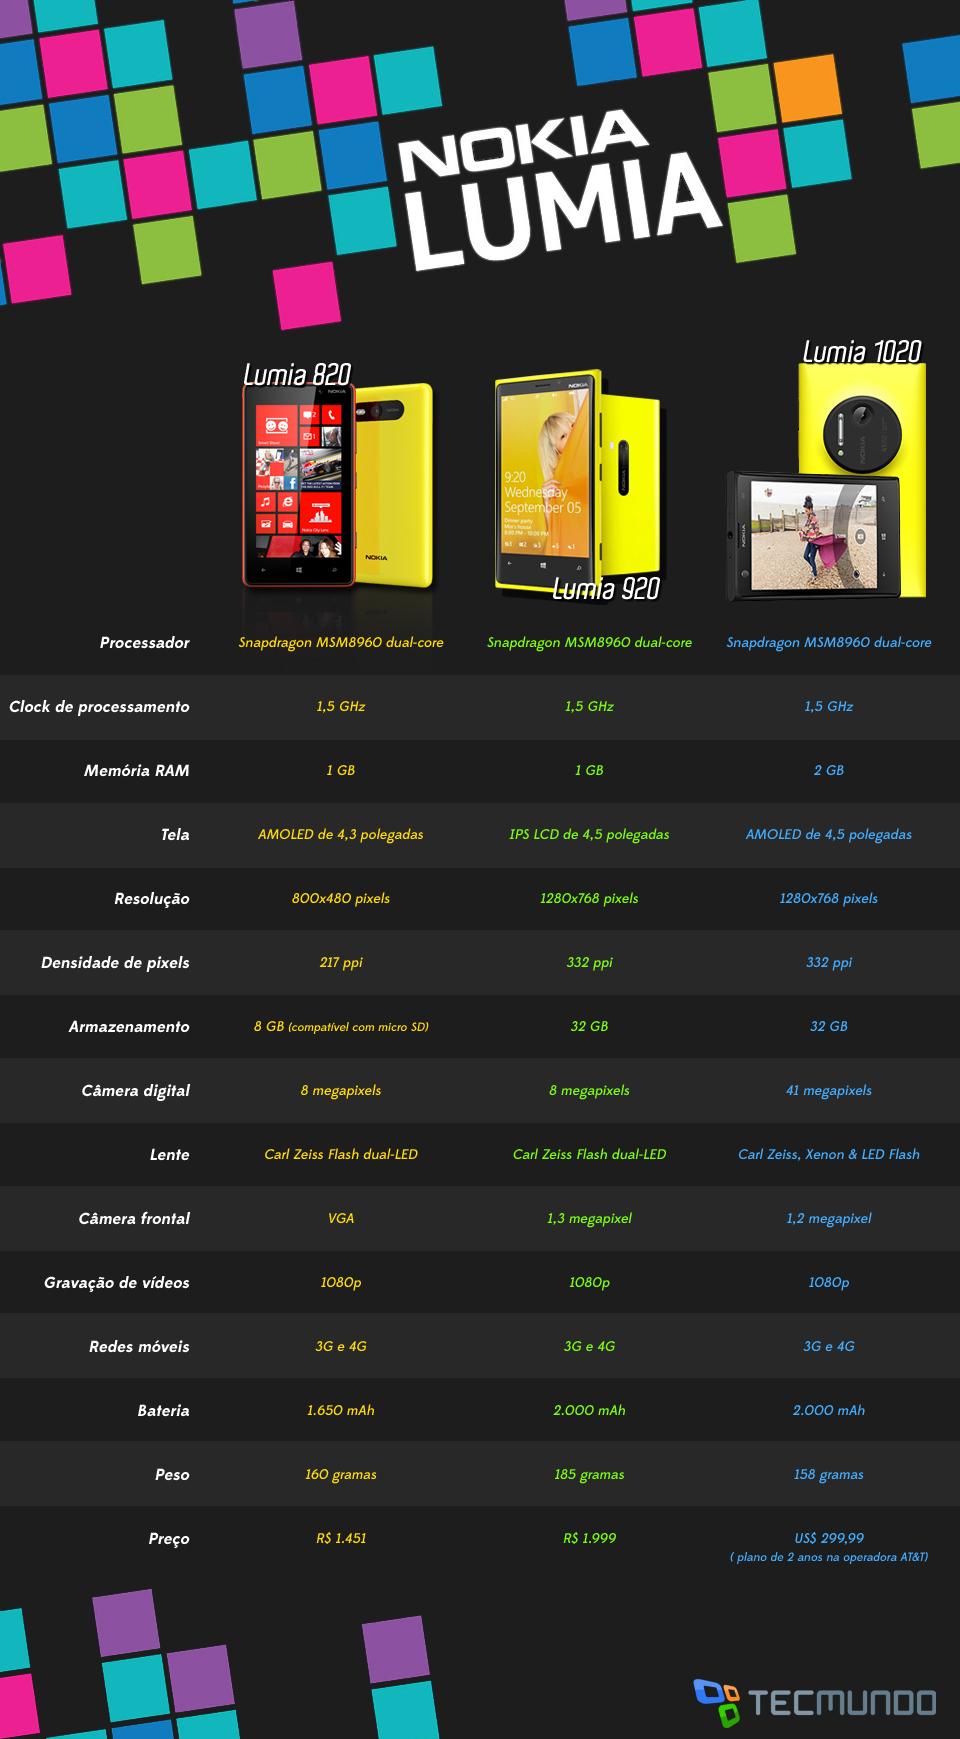 Comparativo Nokia: Lumia 1020 x Lumia 920 x Lumia 820